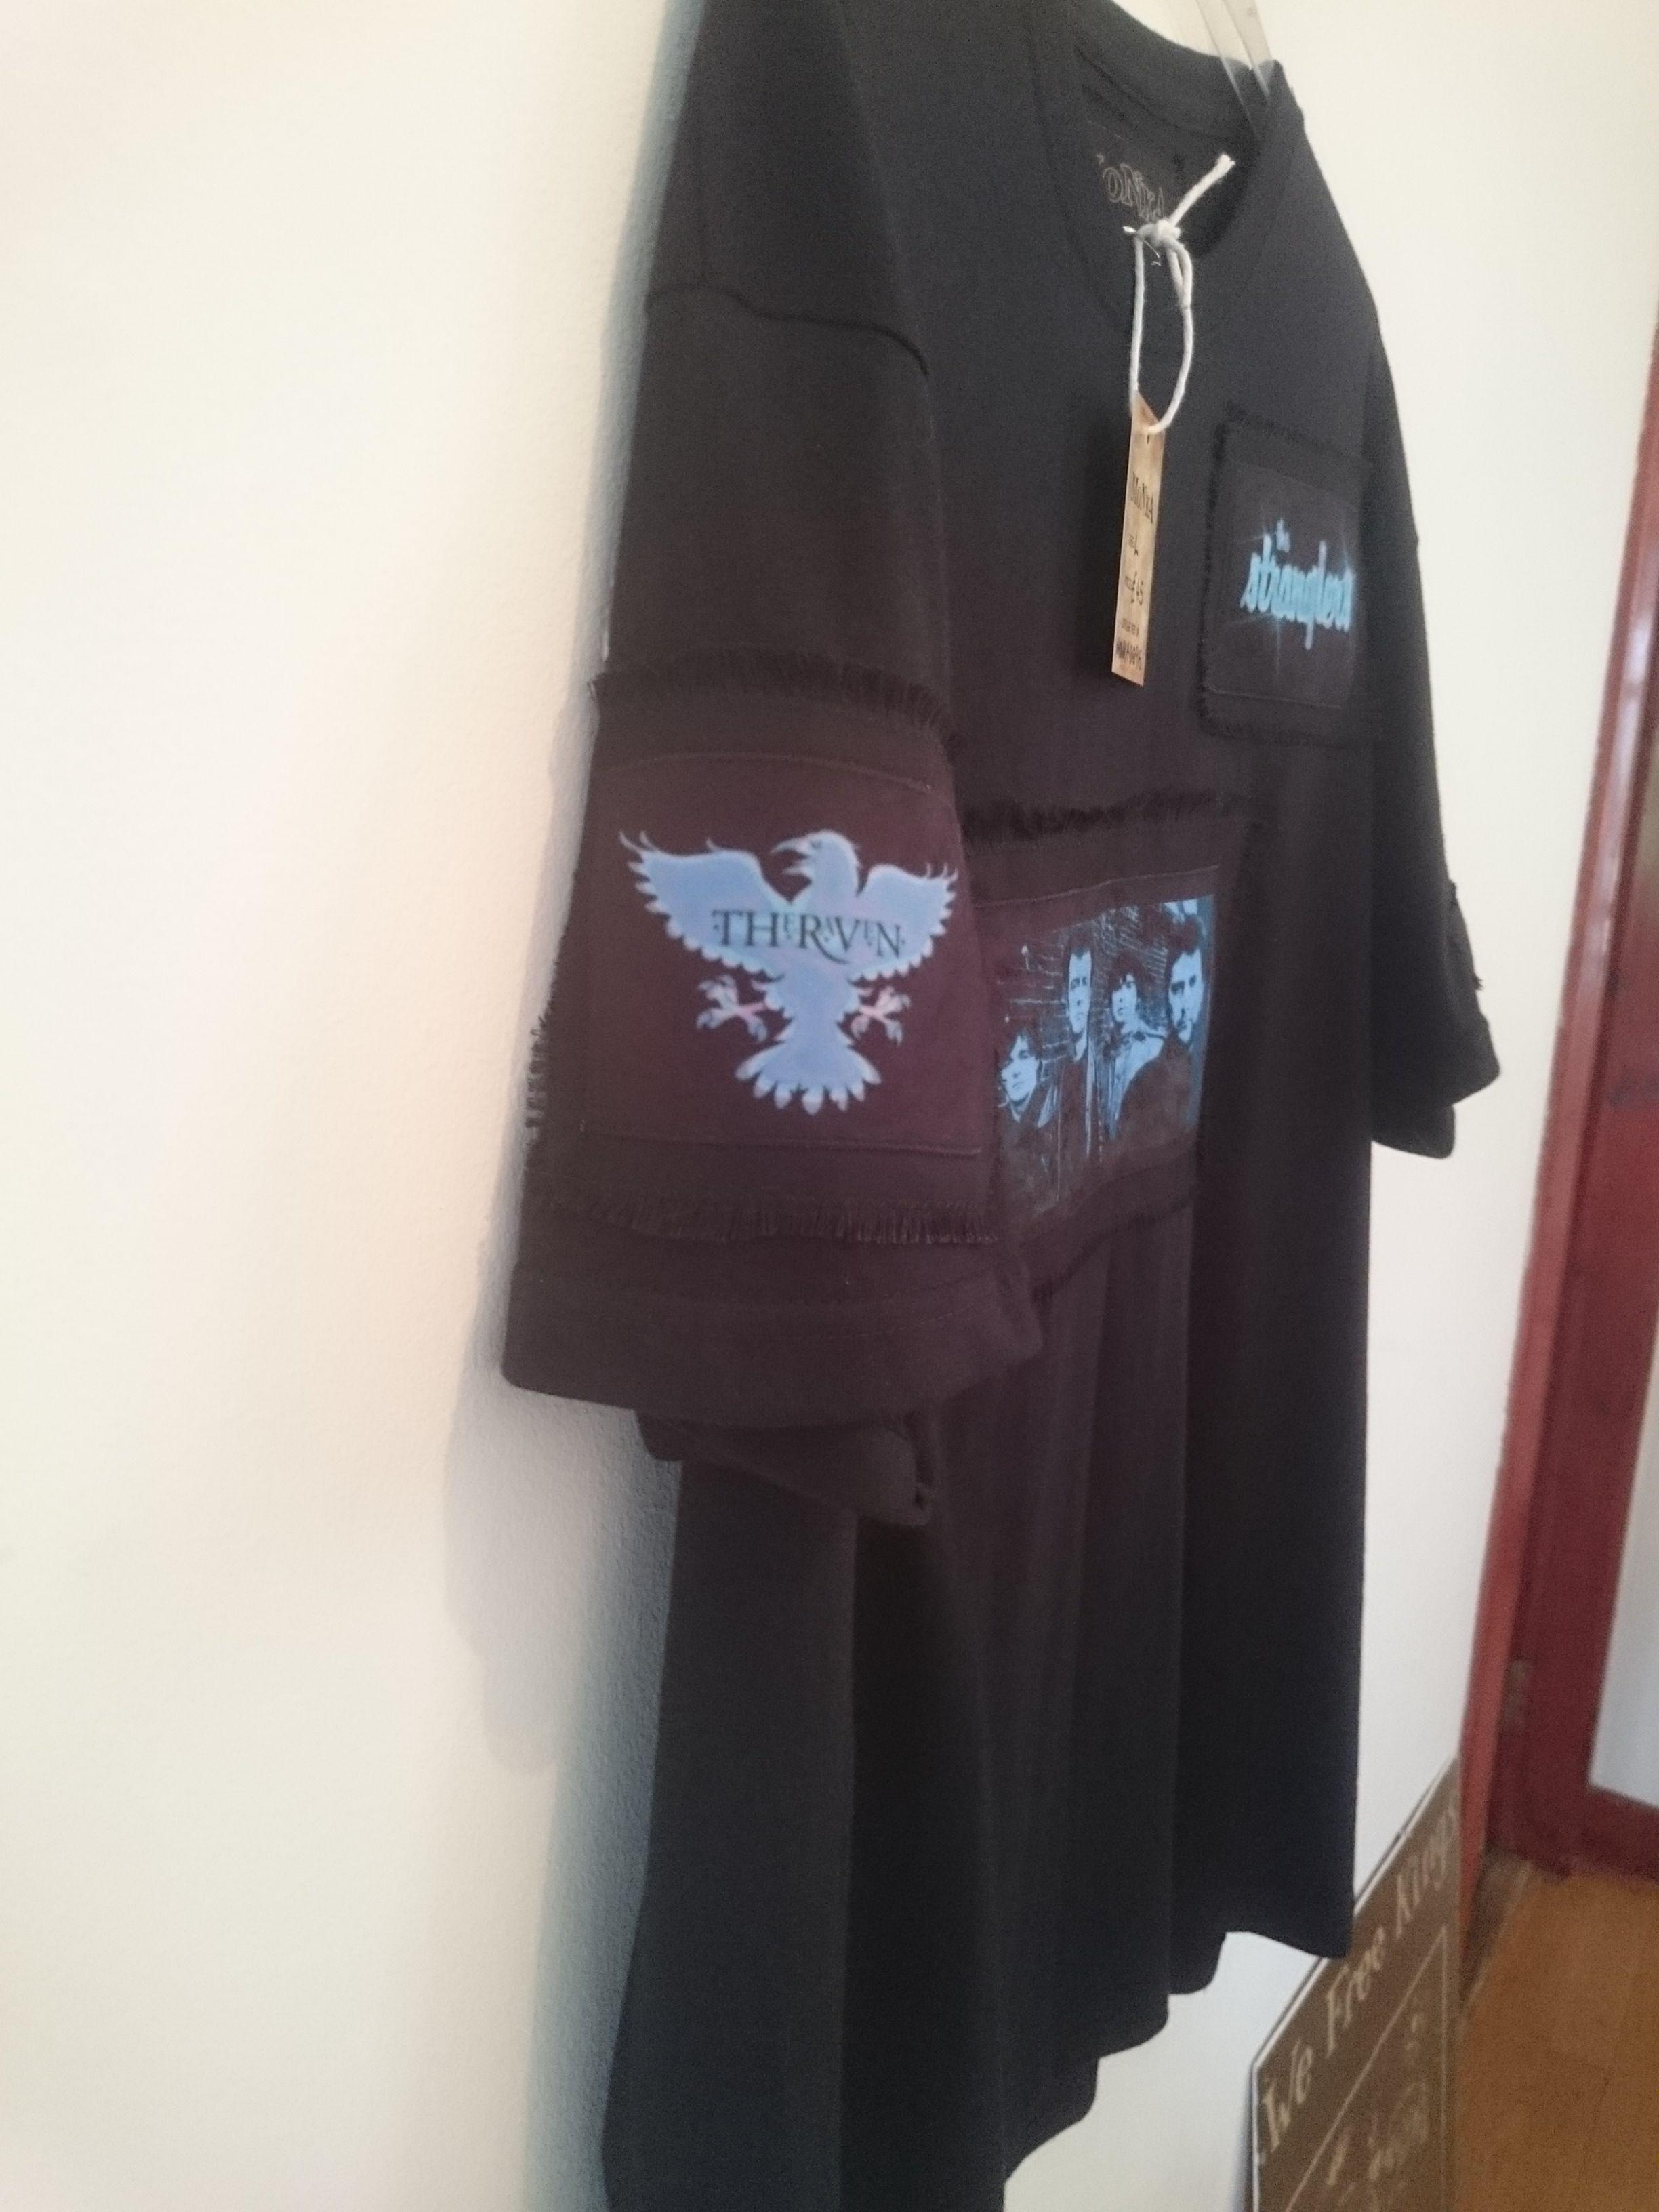 T-shirt design handmade - Stranglers In Blue T Shirt Design Handmade With